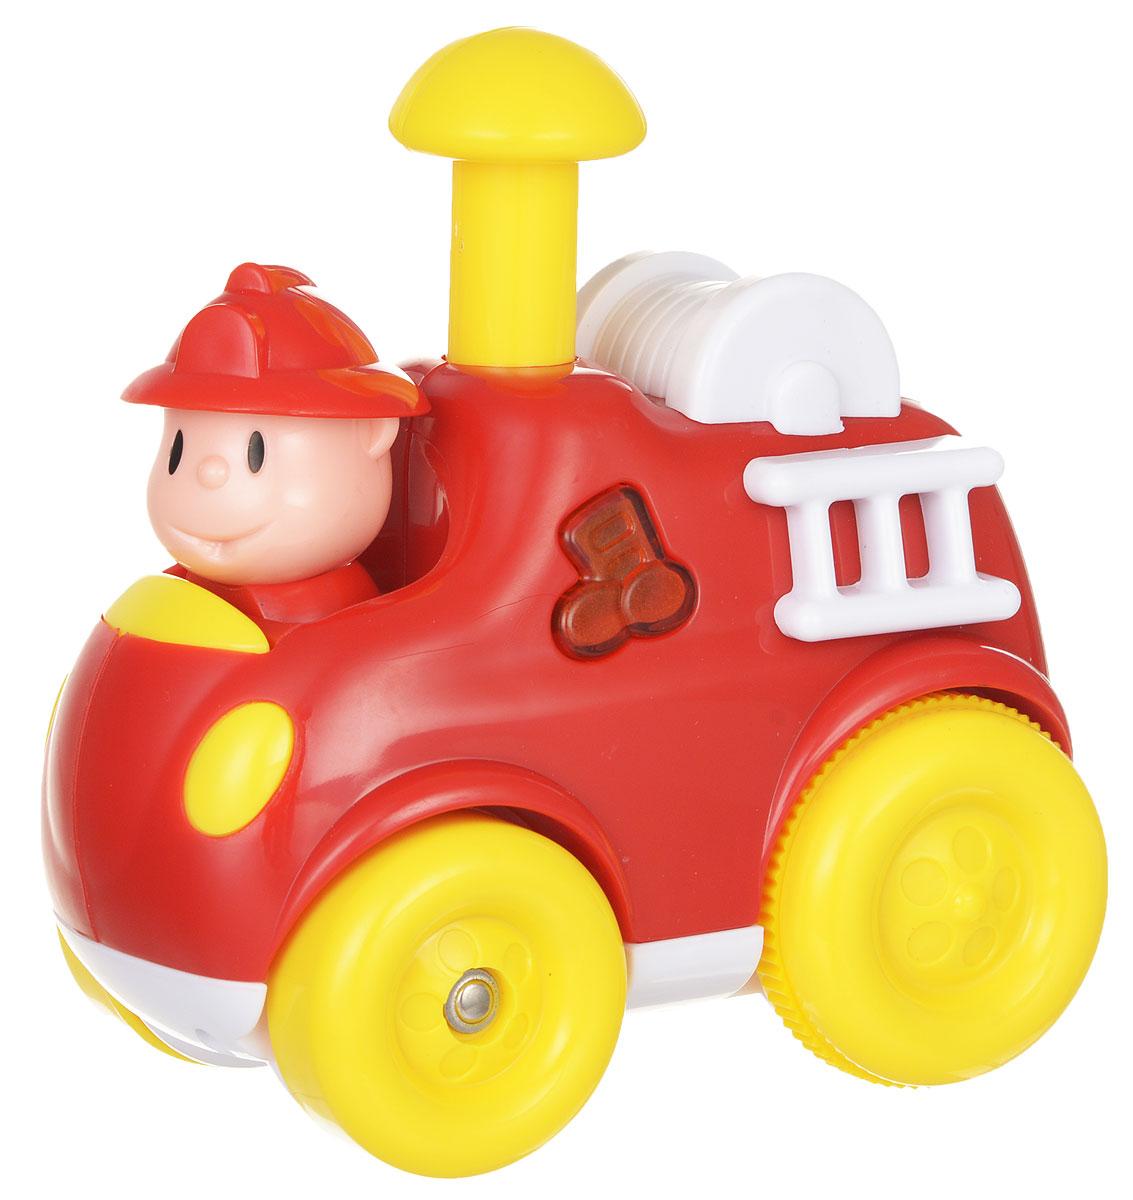 Navystar Пожарная машинка инерционная цвет красный68071-T-FЯркая пожарная машинка привлечет внимание вашего малыша и не позволит ему скучать! Выполненная из безопасного пластика с элементами из металла, игрушка представляет собой забавную машинку с водителем-пожарным. Округлые, без острых углов, формы гарантируют безопасность даже самым маленьким. Игрушка оснащена инерционным механизмом. Для запуска установите игрушку на поверхность, нажмите на желтую кнопку вверху машинки, и она поедет вперед. При нажатии на боковую кнопку с нотами, появляются световые и звуковые эффекты. Машинка может проигрывать 20 разных мелодий. Игрушка поможет ребенку в развитии воображения, мелкой моторики рук и цветового восприятия. Сделайте вашему малышу такой замечательный подарок! Для работы требуются 3 батарейки типа LR44 (комплектуется демонстрационными).